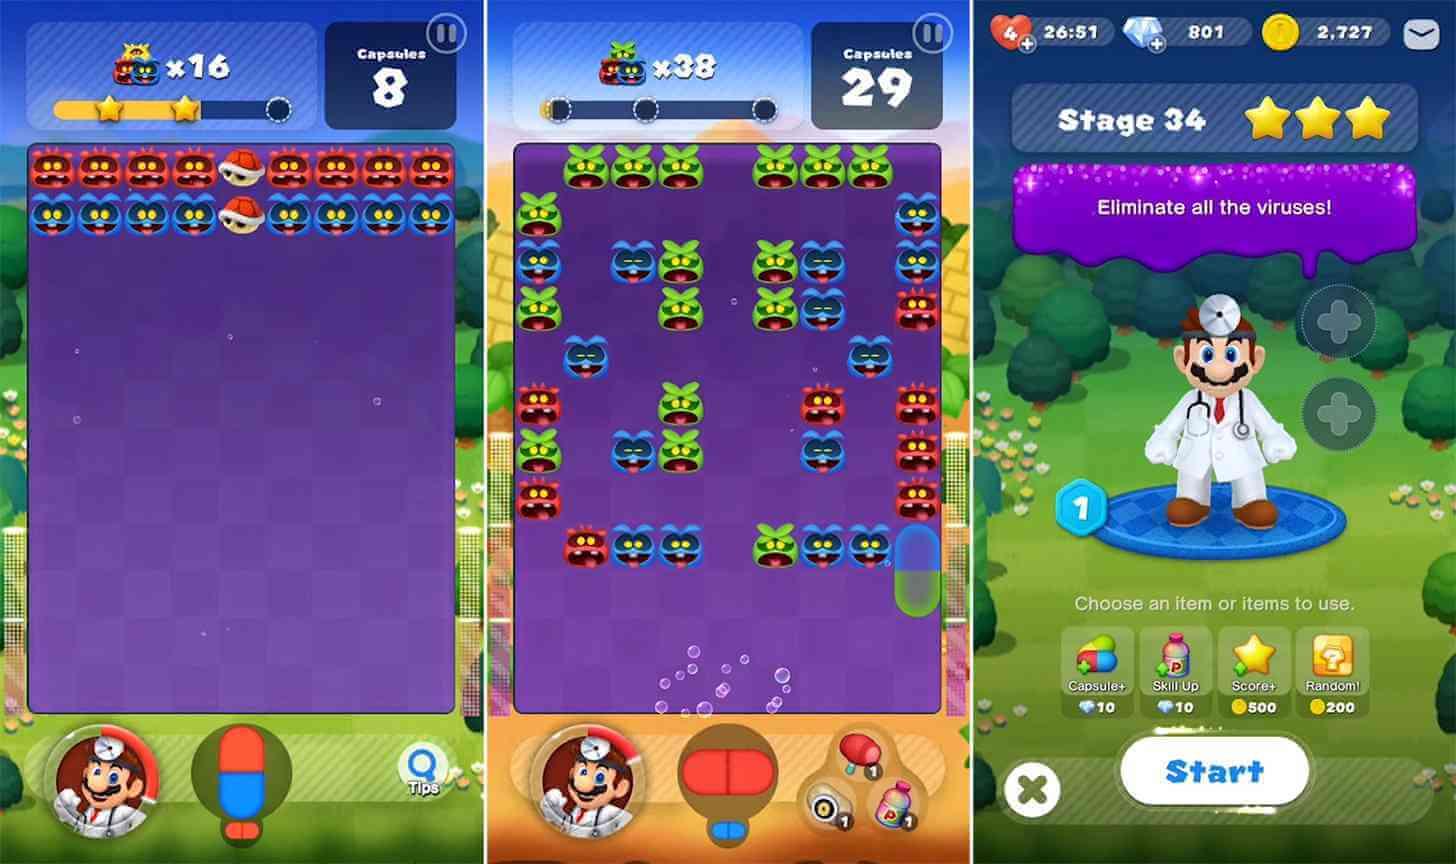 Скриншоты Dr. Mario World прекрасно отражают геймплей игры